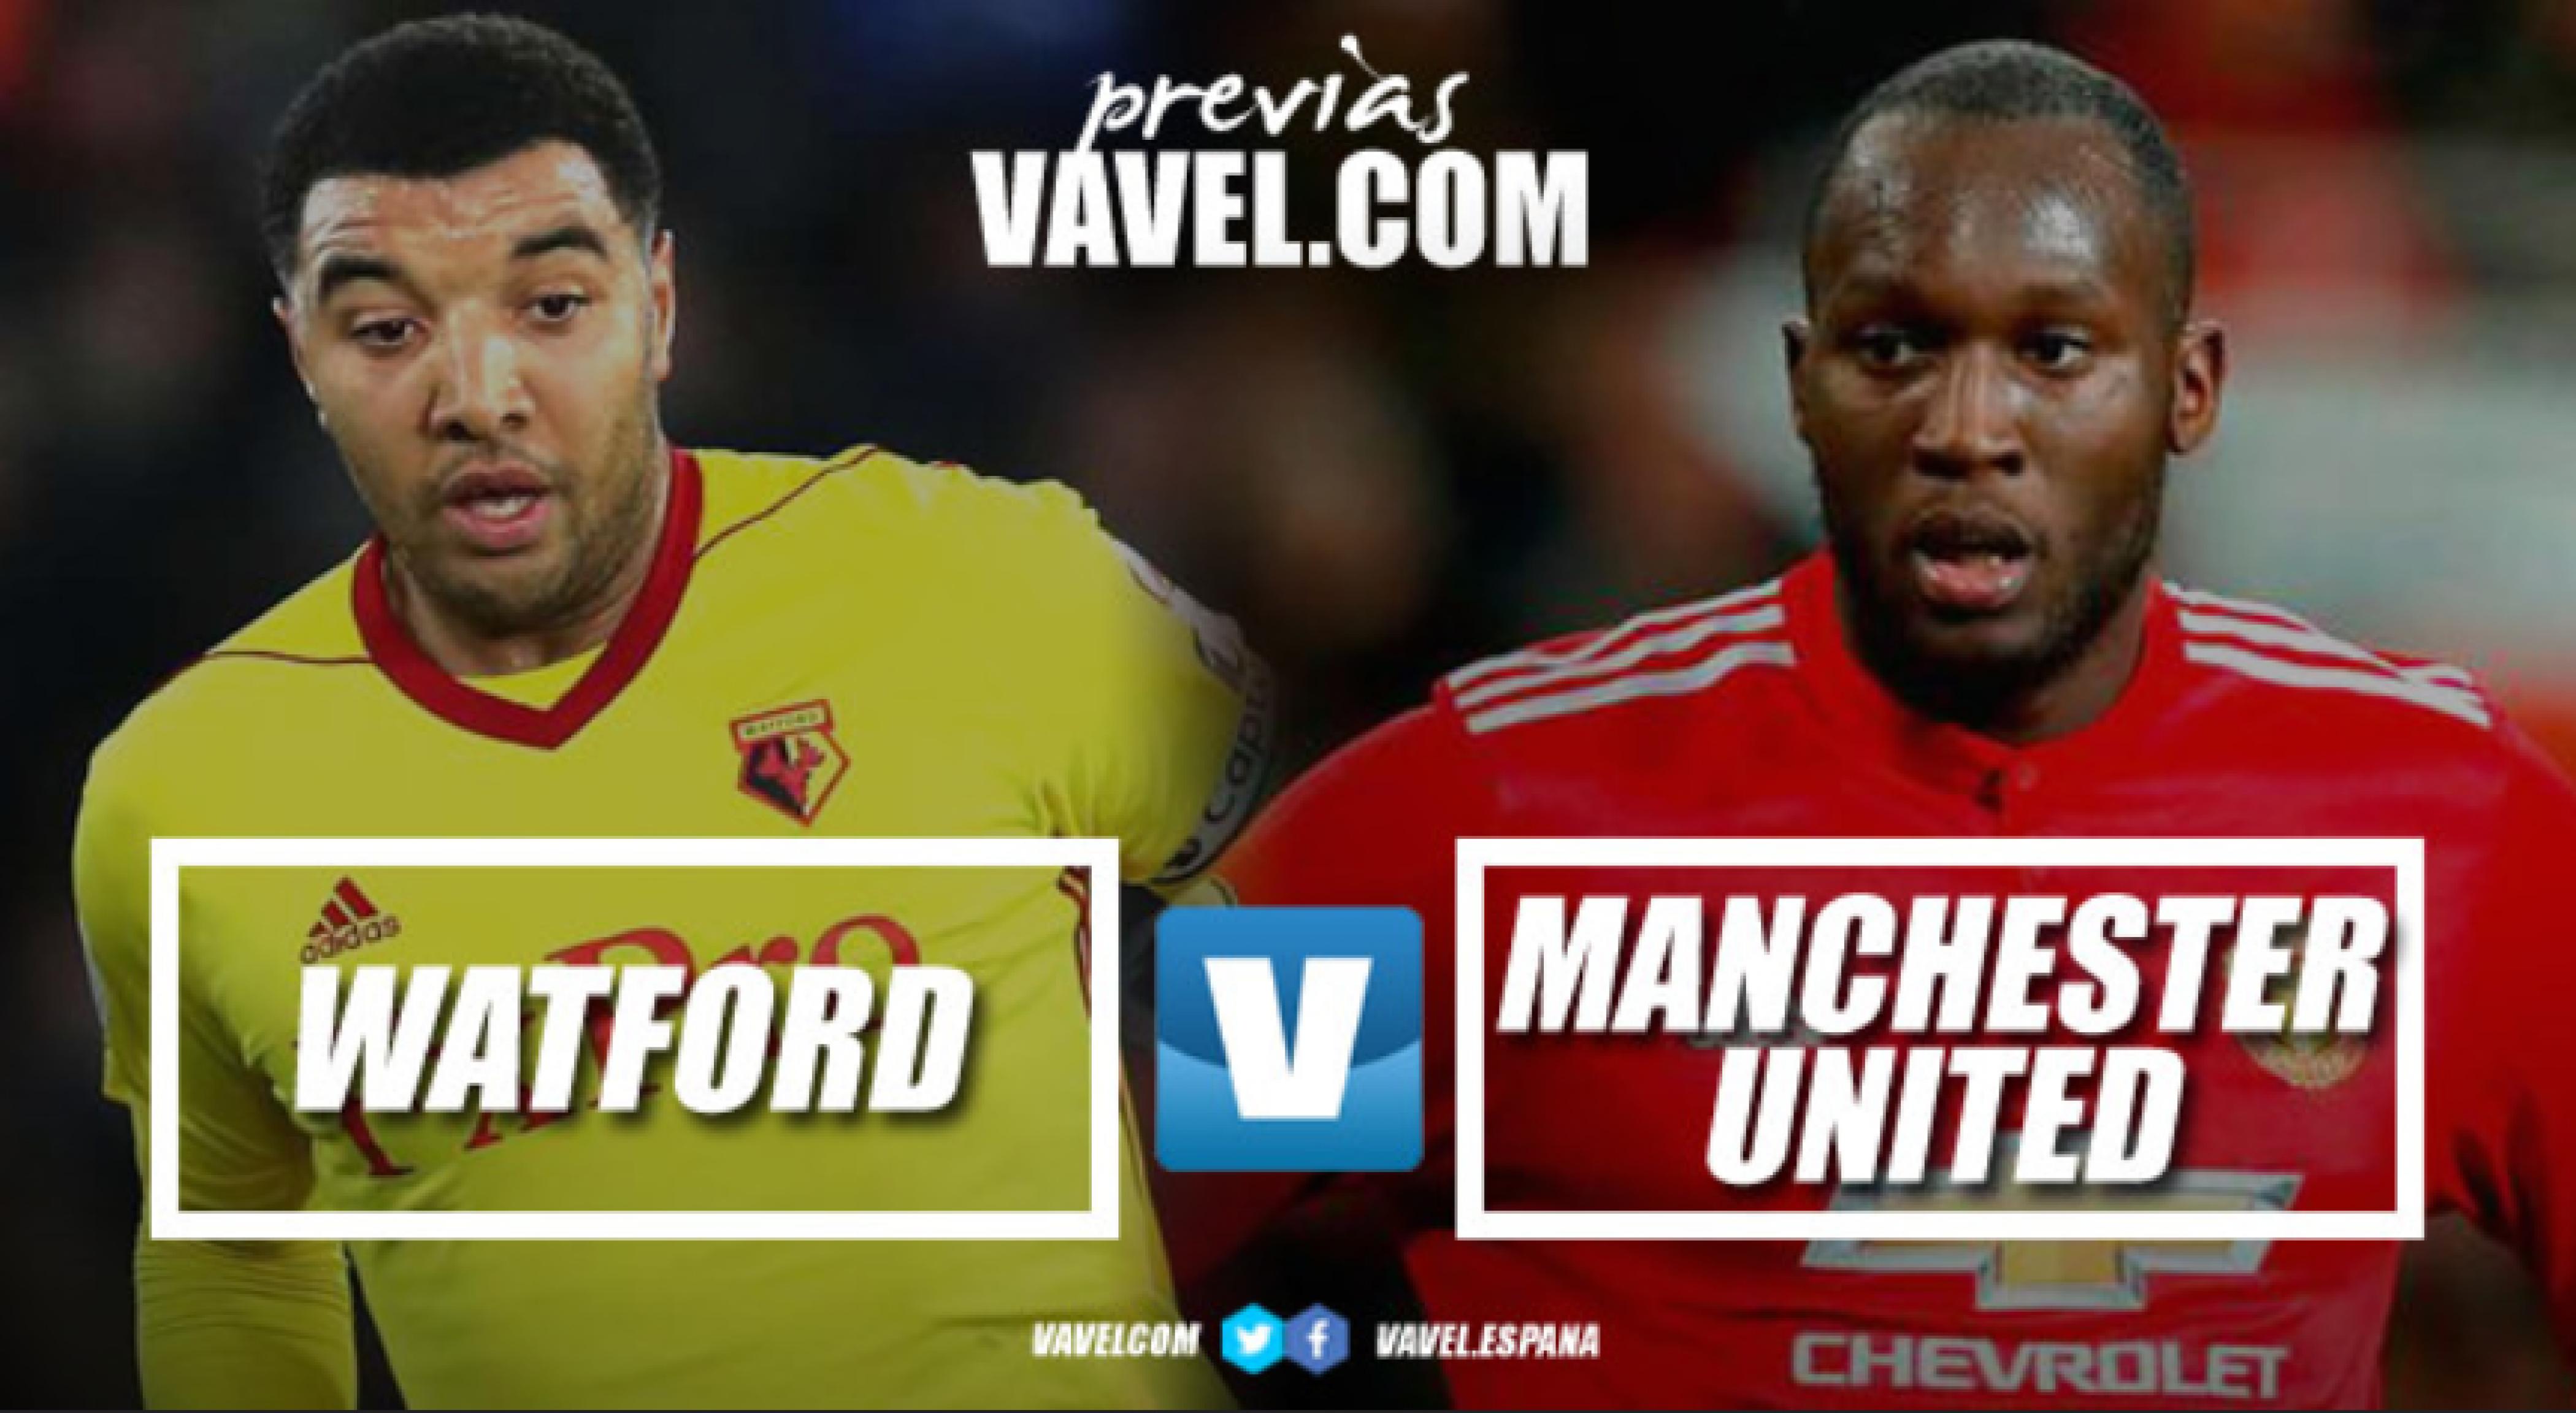 Previa Watford - Manchester United: los Hornets buscan otro golpe de autoridad